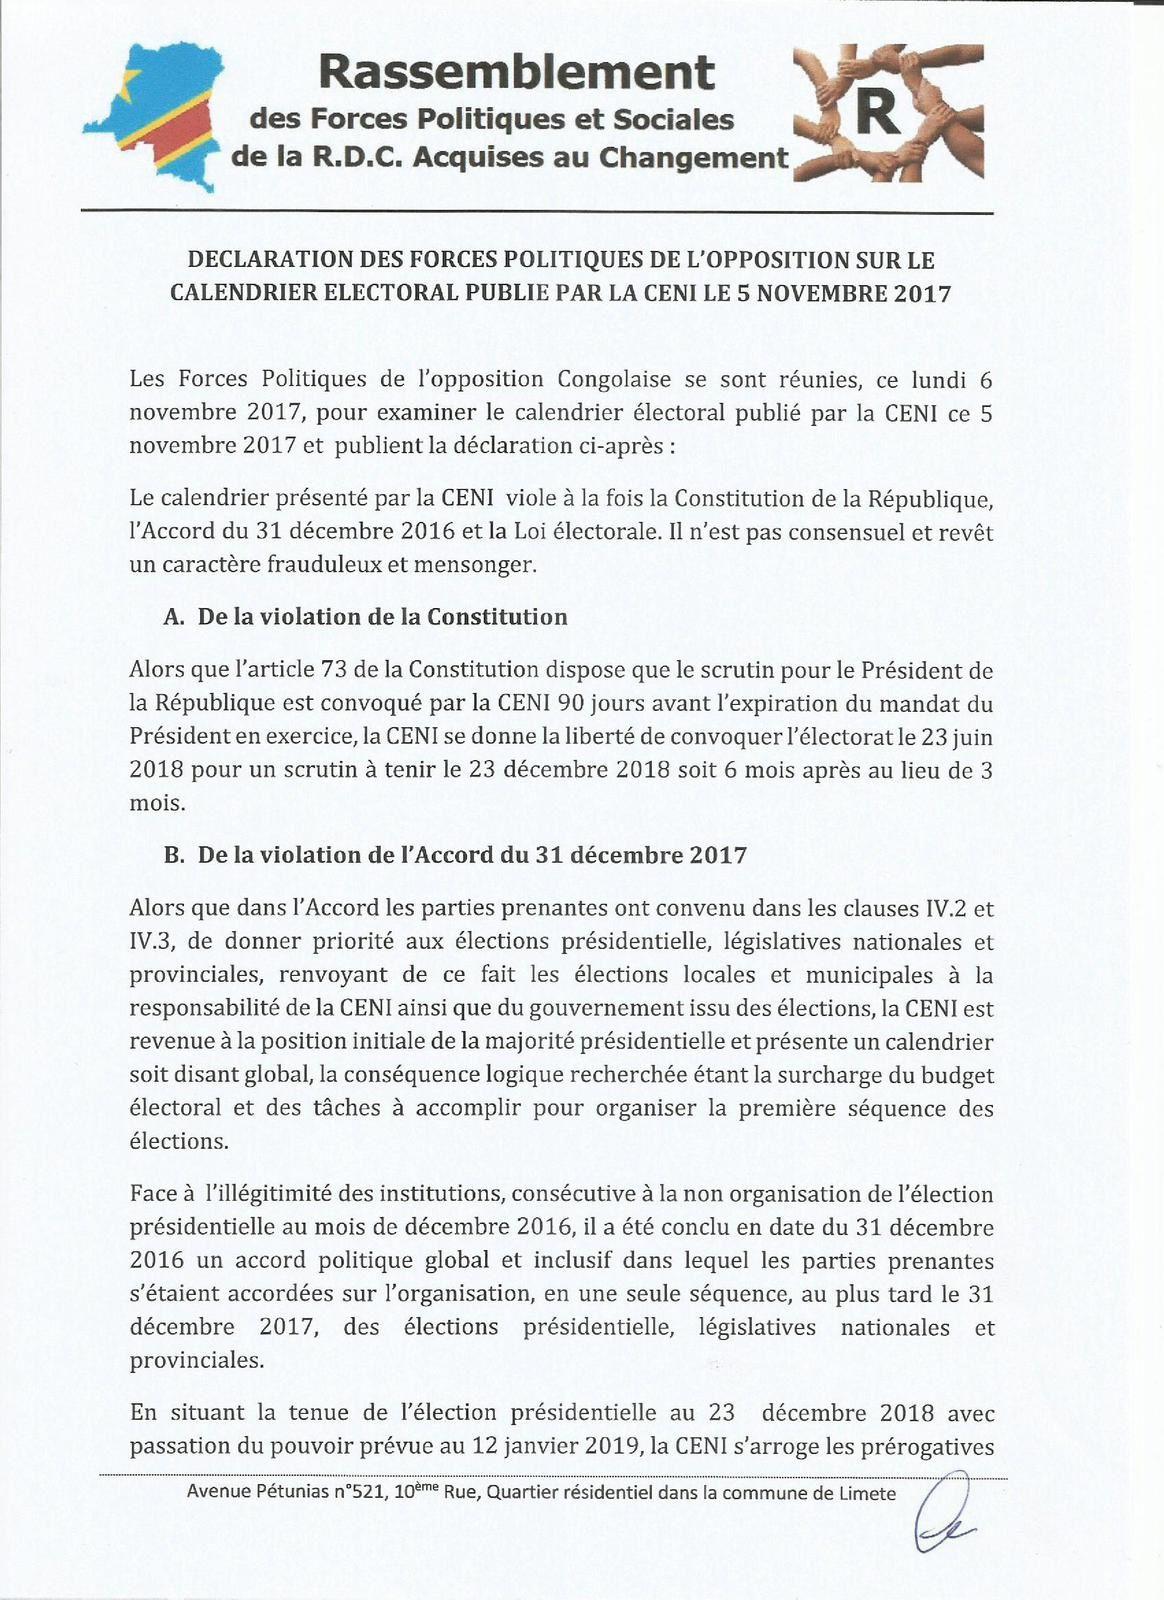 Document. Position du Rassemblement à propos du calendrier électoral de la CENI